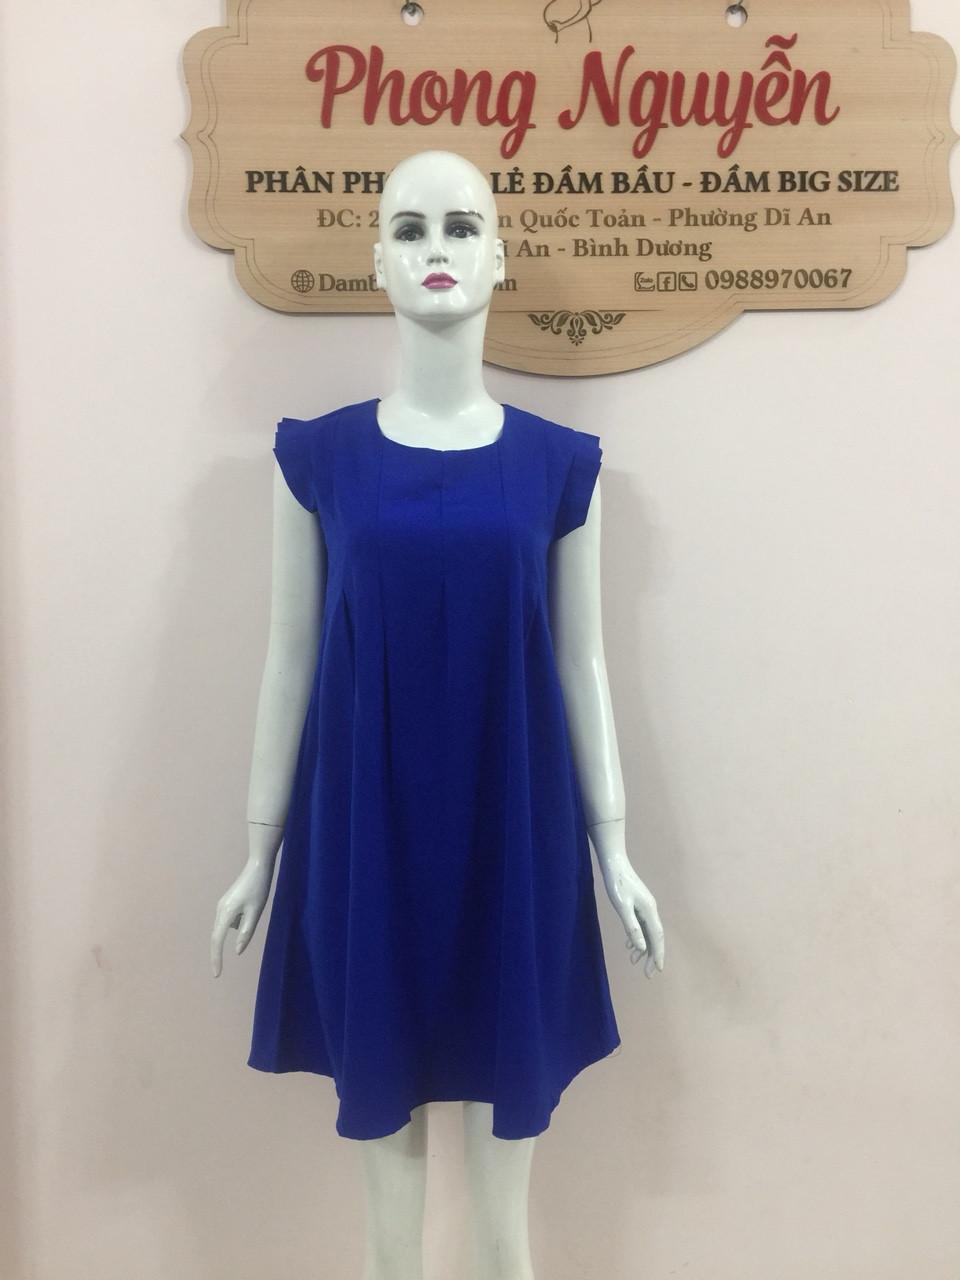 Mẹo chọn đồ bầu công sở vừa tiết kiệm vừa hợp xu hướng thời trang(2)